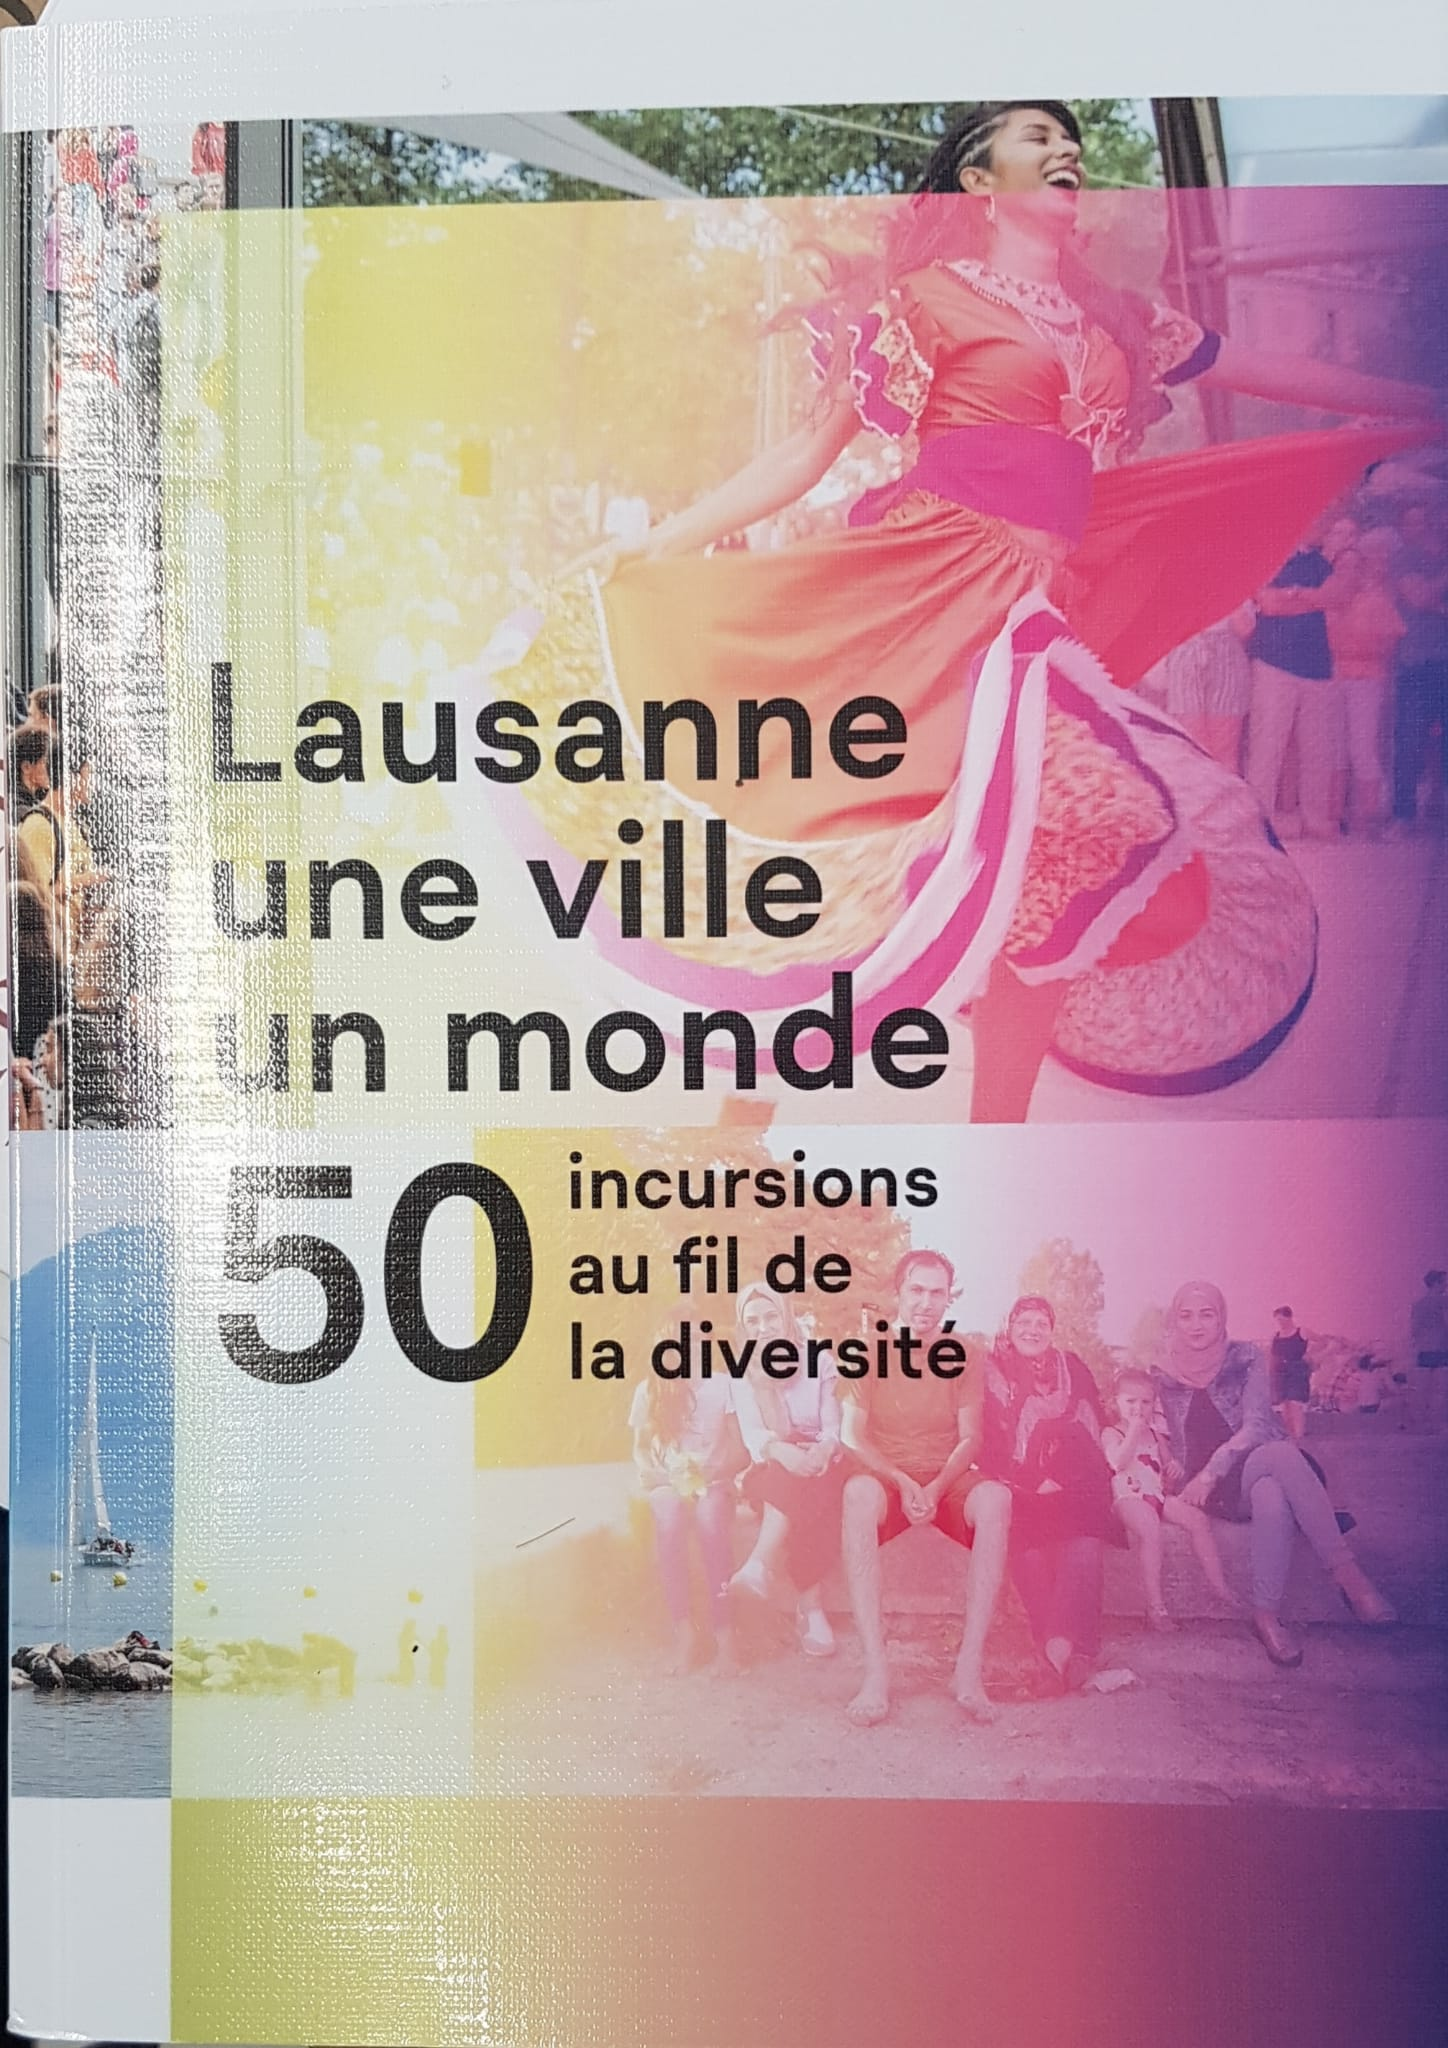 Lausanne Une Ville Un monde